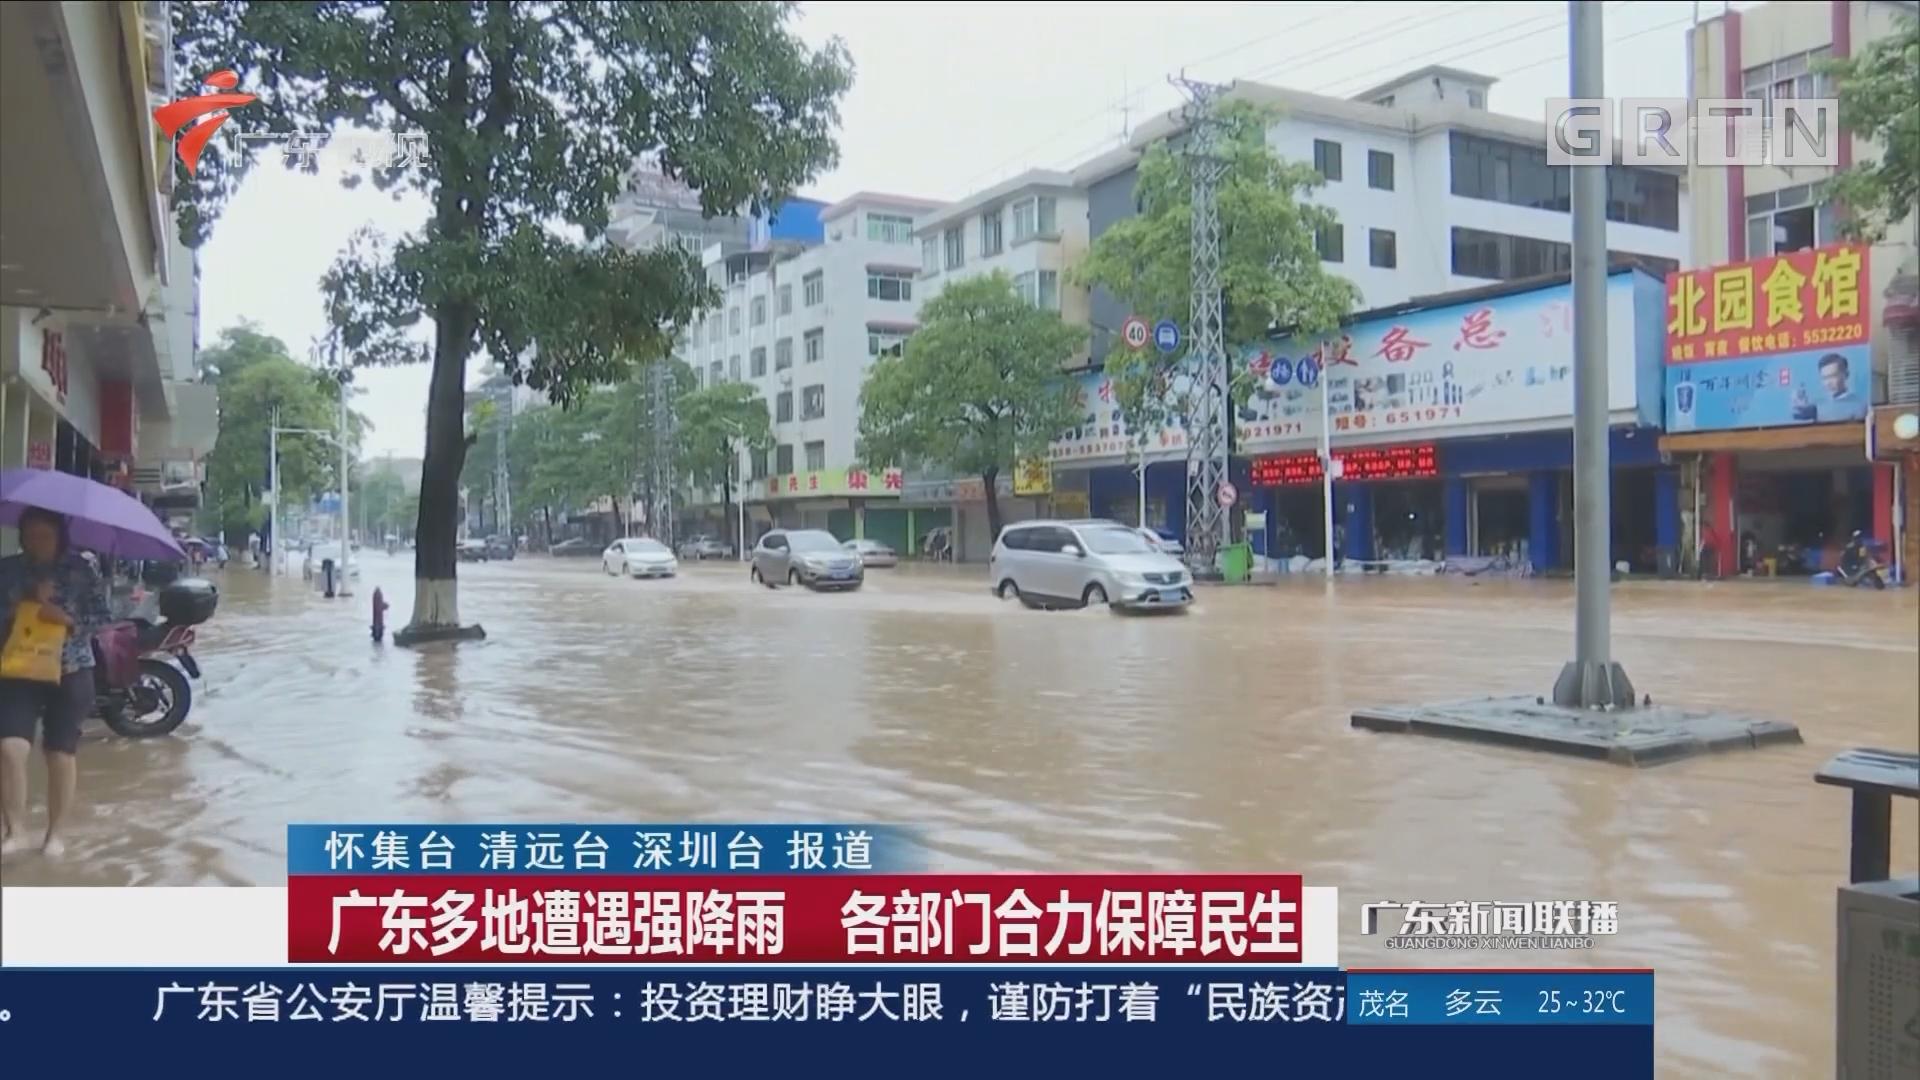 广东多地遭遇强降雨 各部门合力保障民生